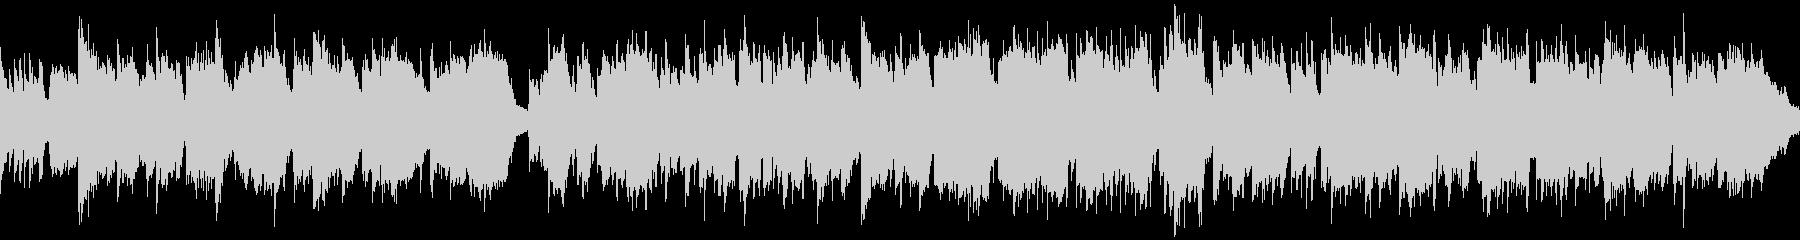 篠笛生演奏の和風バラード ※ループ仕様版の未再生の波形